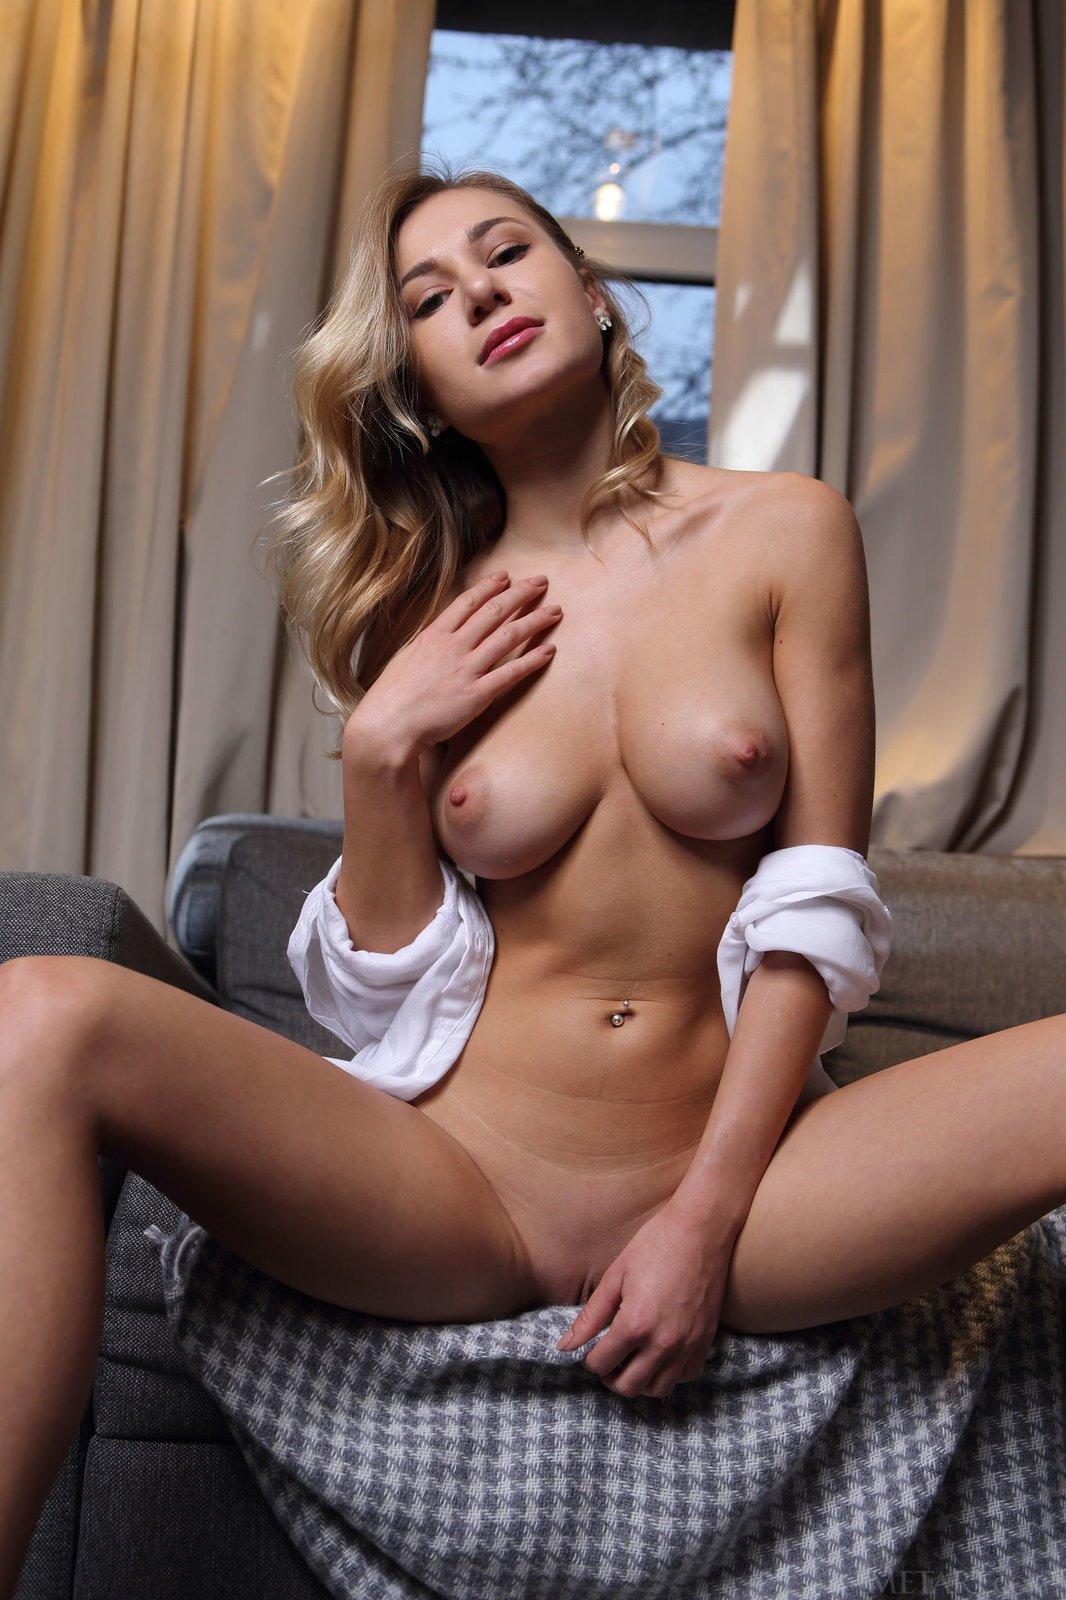 Красивая девушка в носочках выставляет голую попку